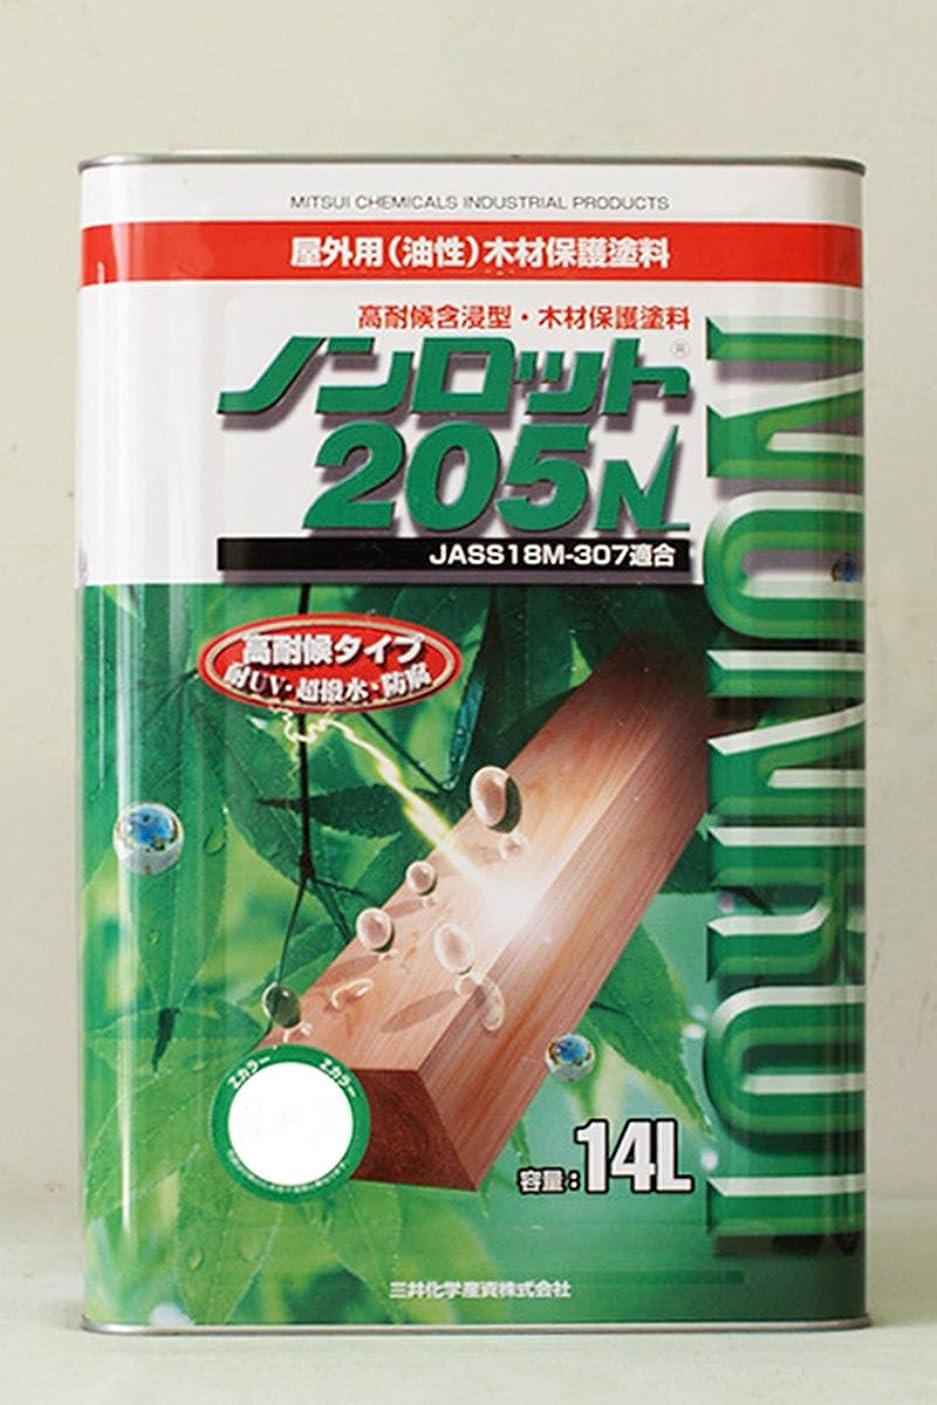 さておき恥ずかしいミスペンドノンロット205N Zカラー (ZS-LB:ライトブラウン) 14L